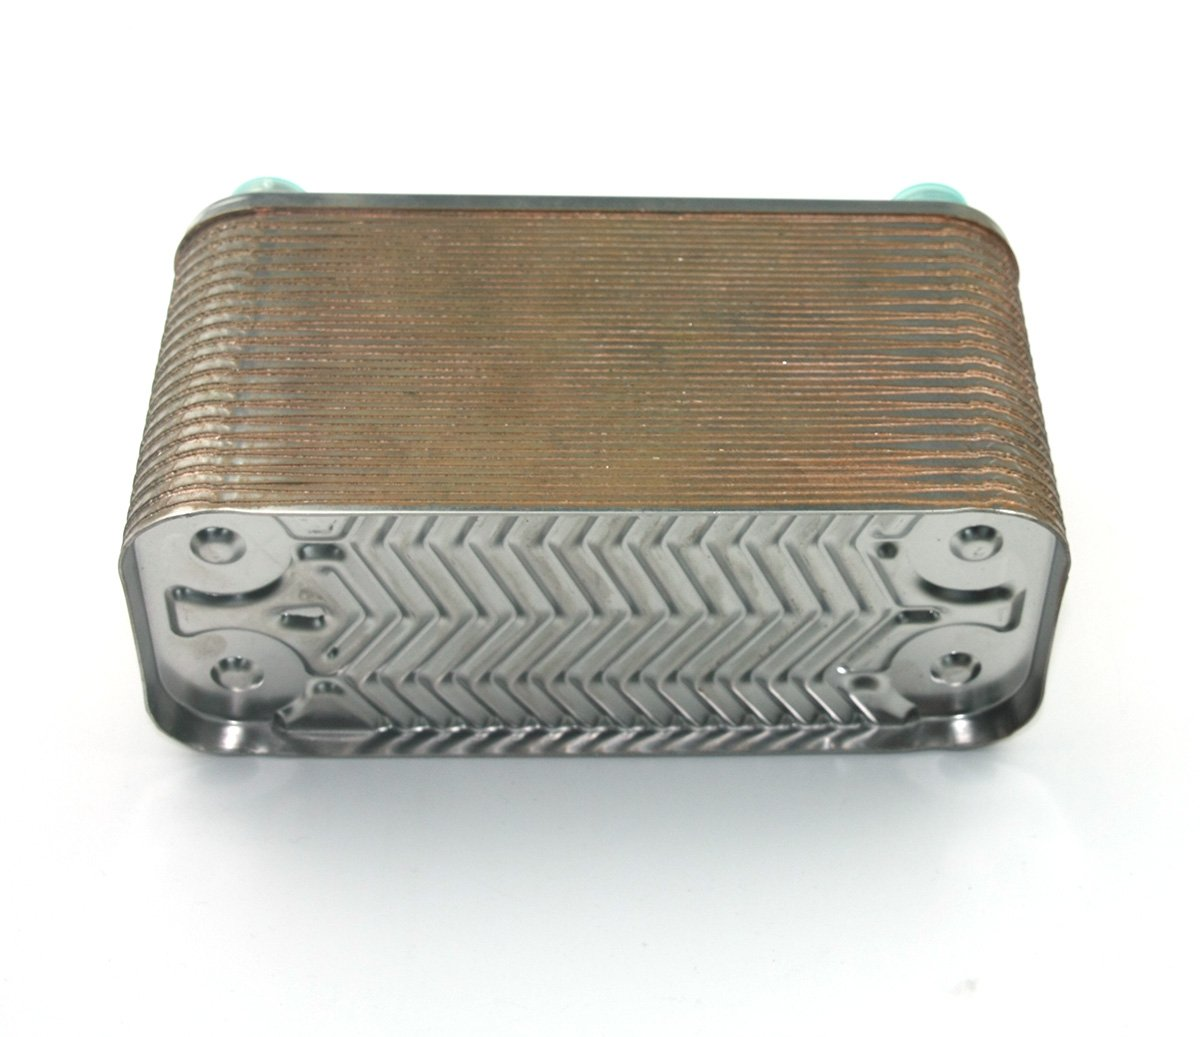 refroidisseur de bi/ère en acier inoxydable raccord de type gaz R 1//2X RC 1//2 X Echangeur de chaleur bras/é /à 40 plaques et refroidisseur de mo/ût Ch 40 plaques Refroidisseur de mo/ût bras/é au cuivre